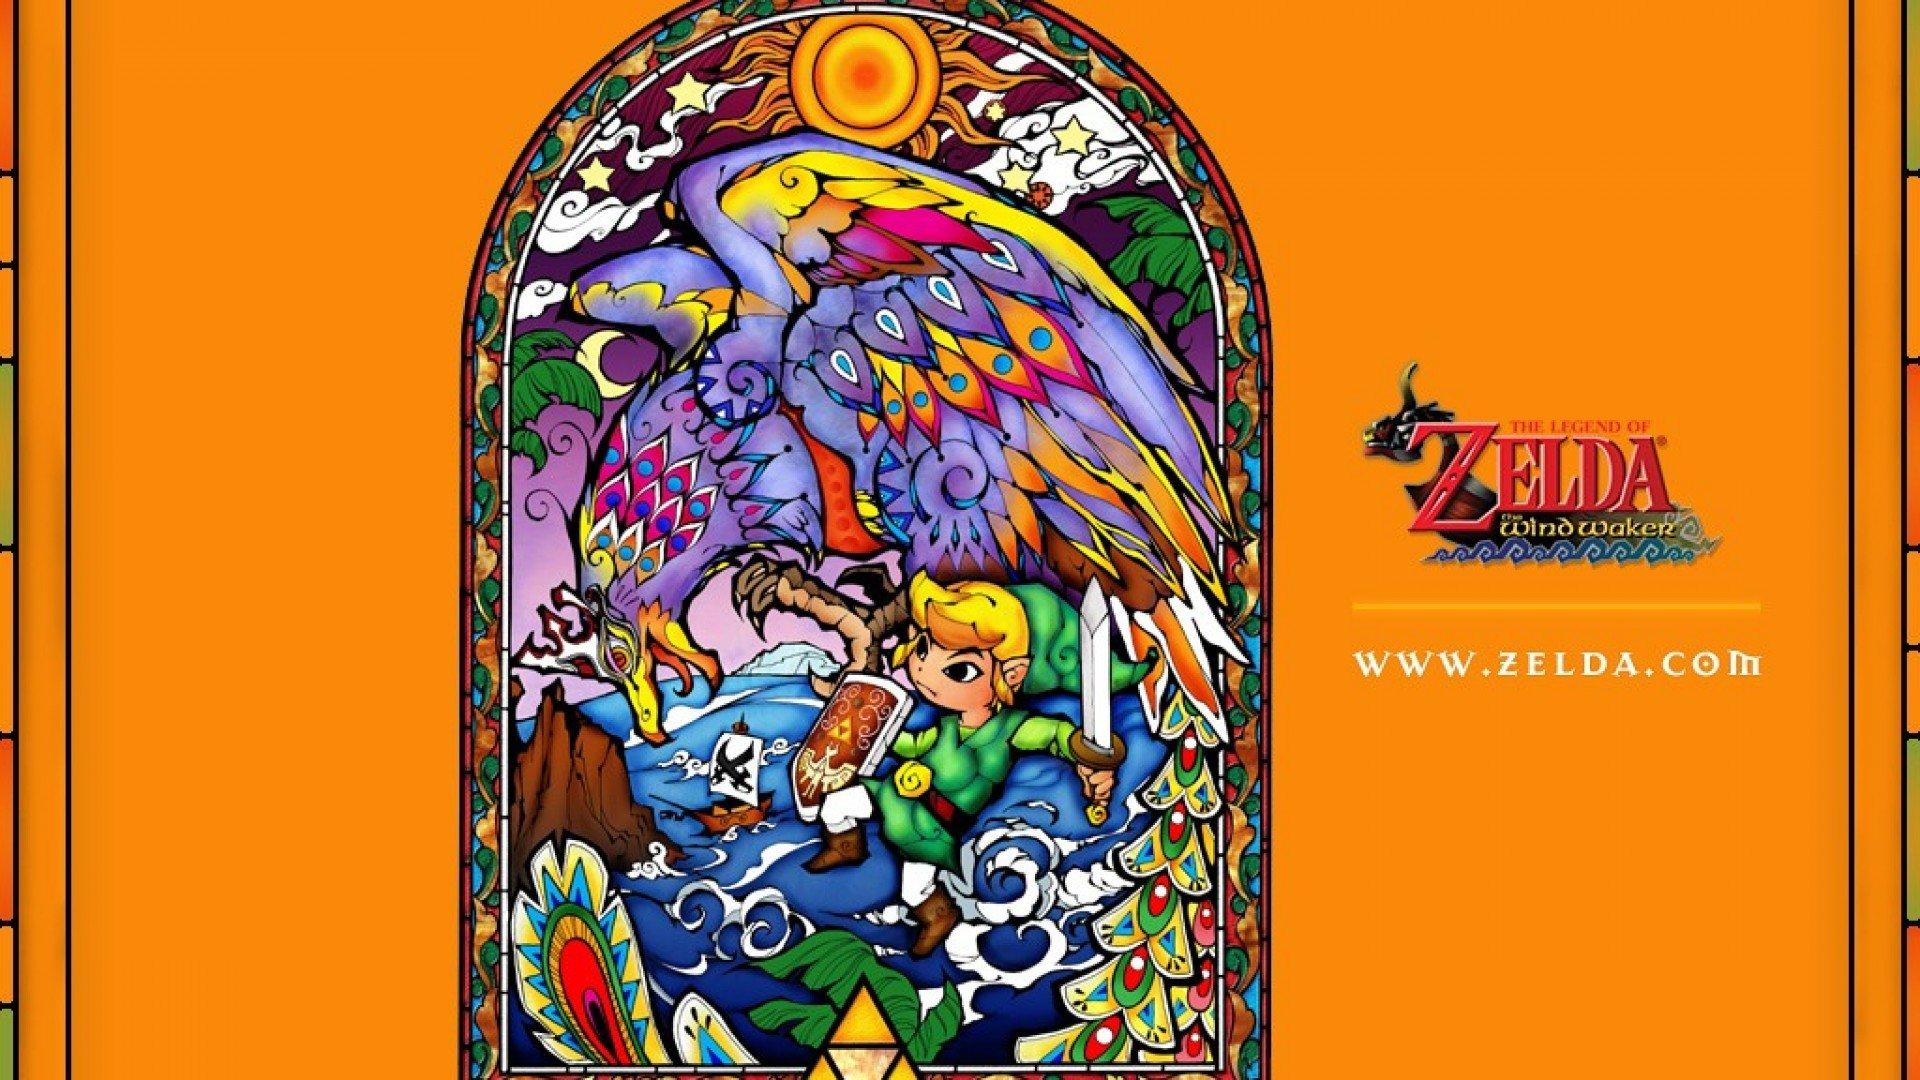 Legend Of Zelda Wind Waker Wallpaper 741635 - WallDevil